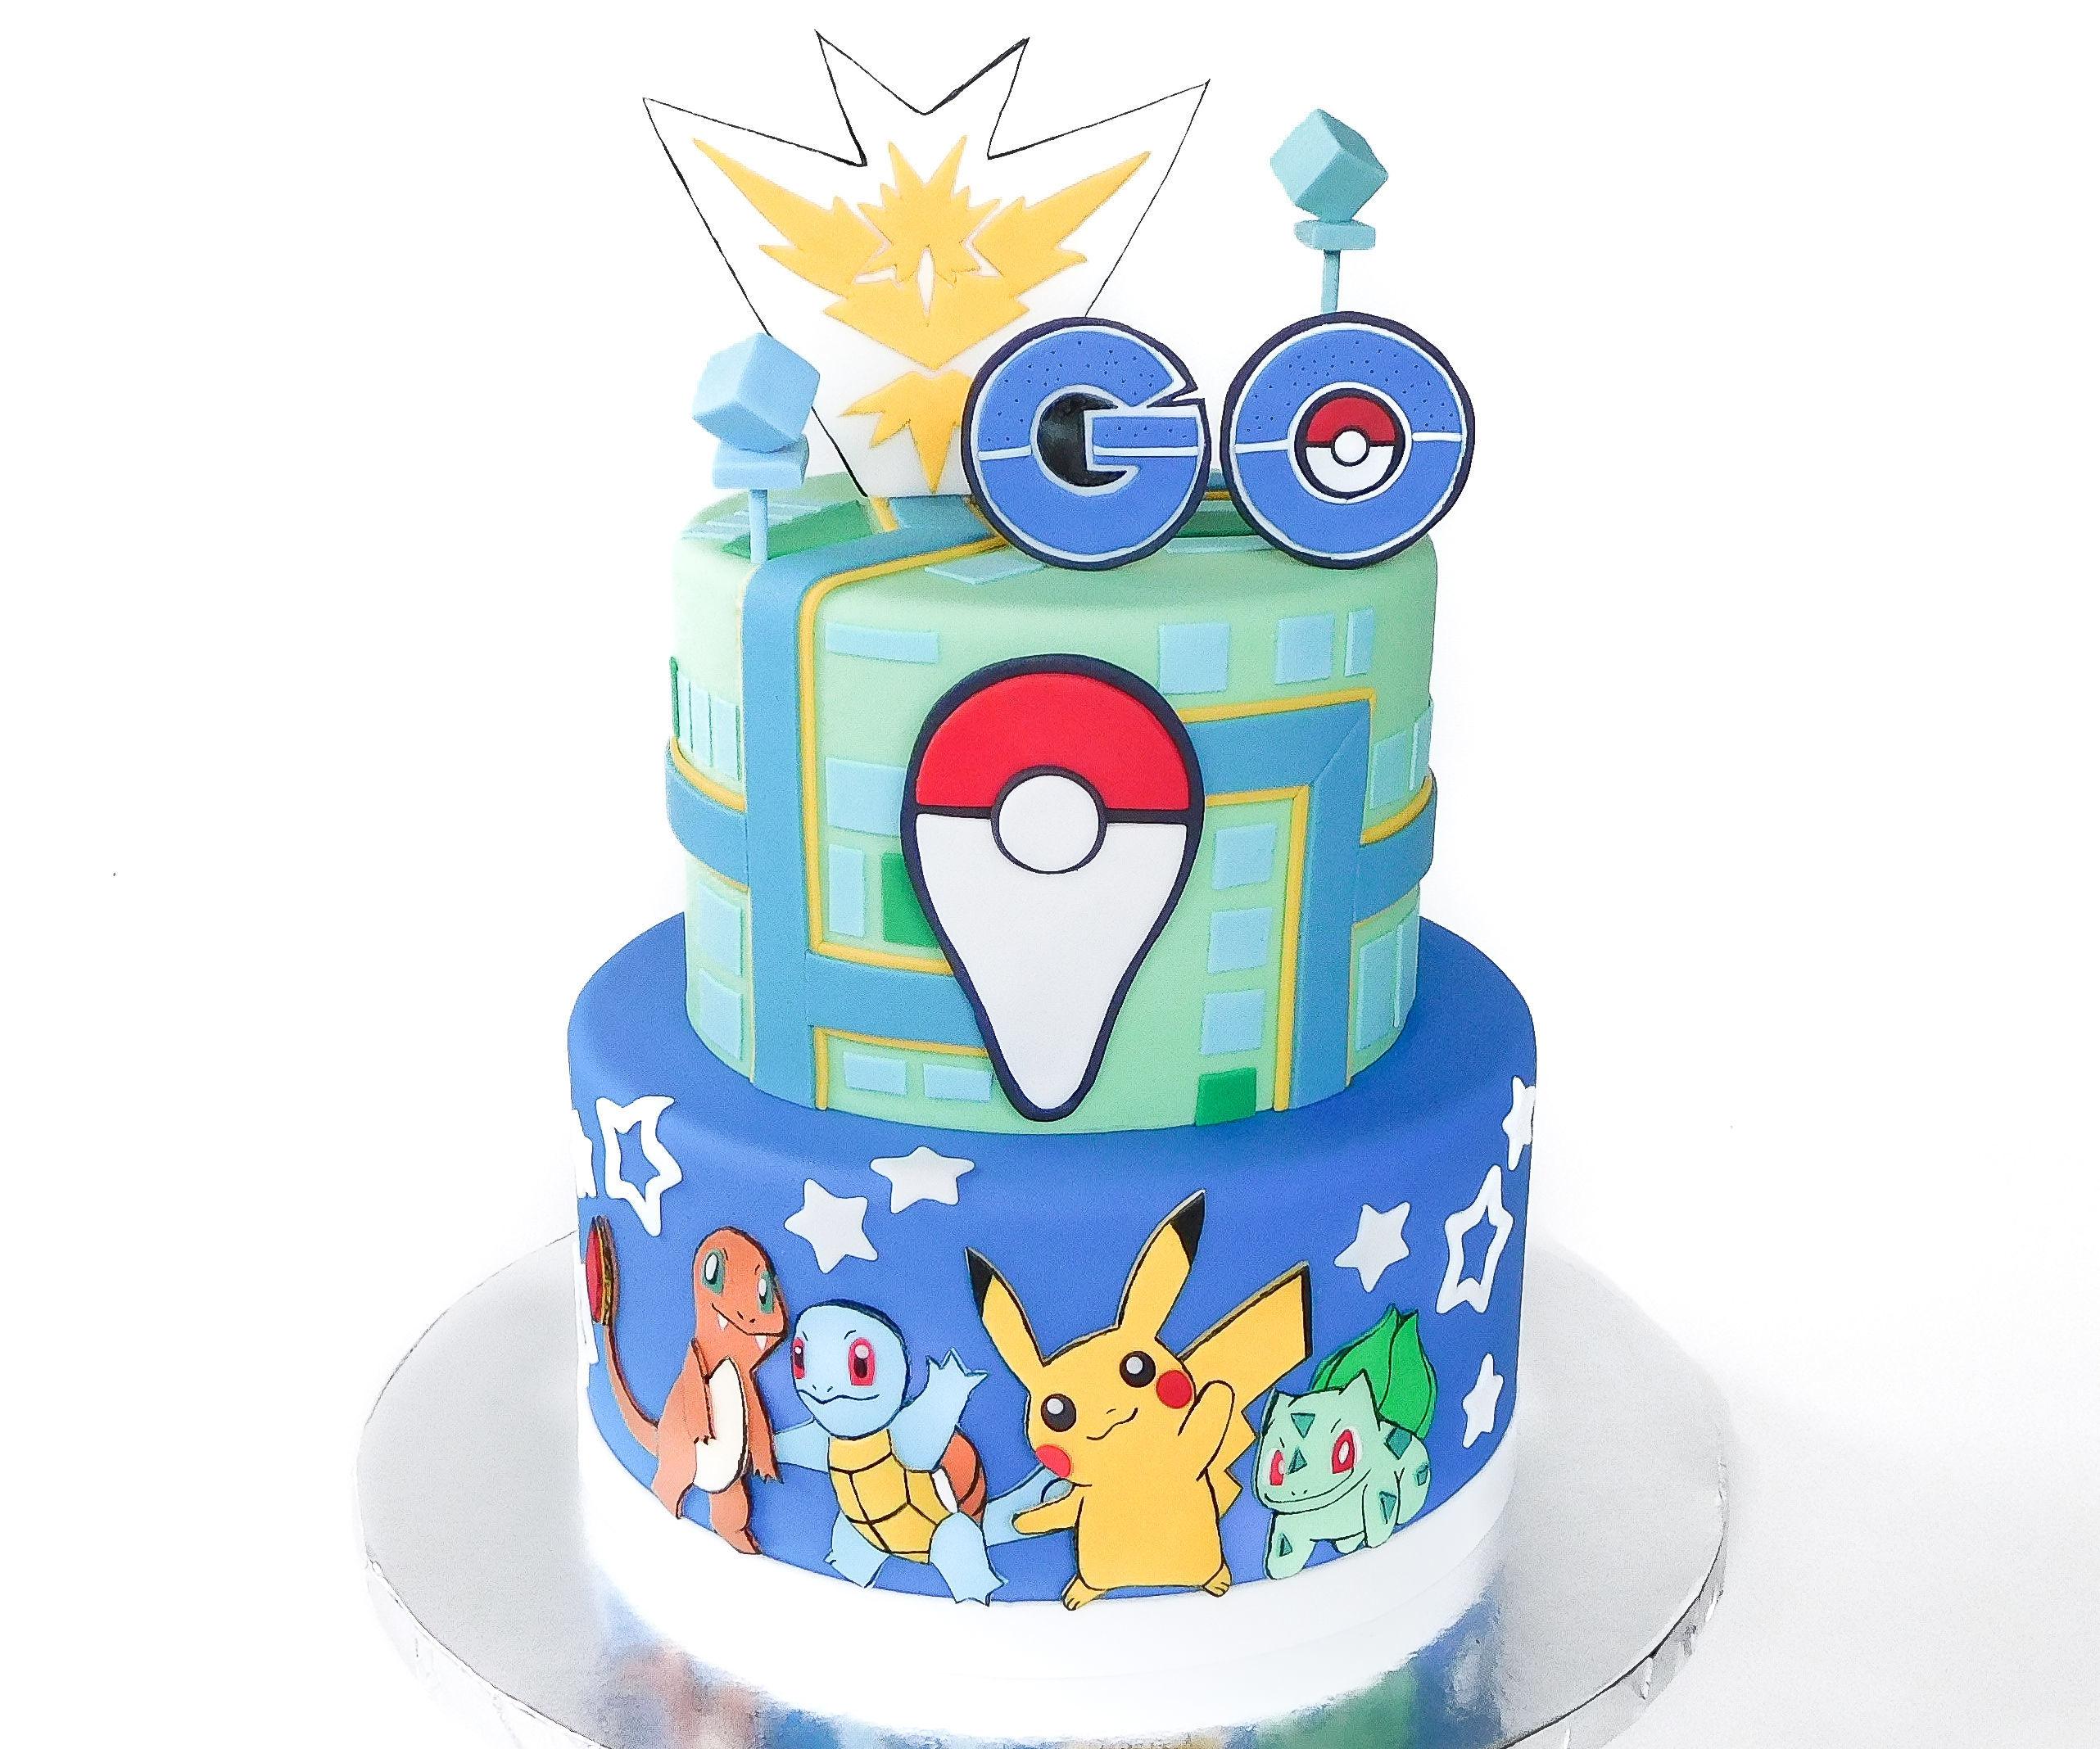 Pokémon Go Cake!